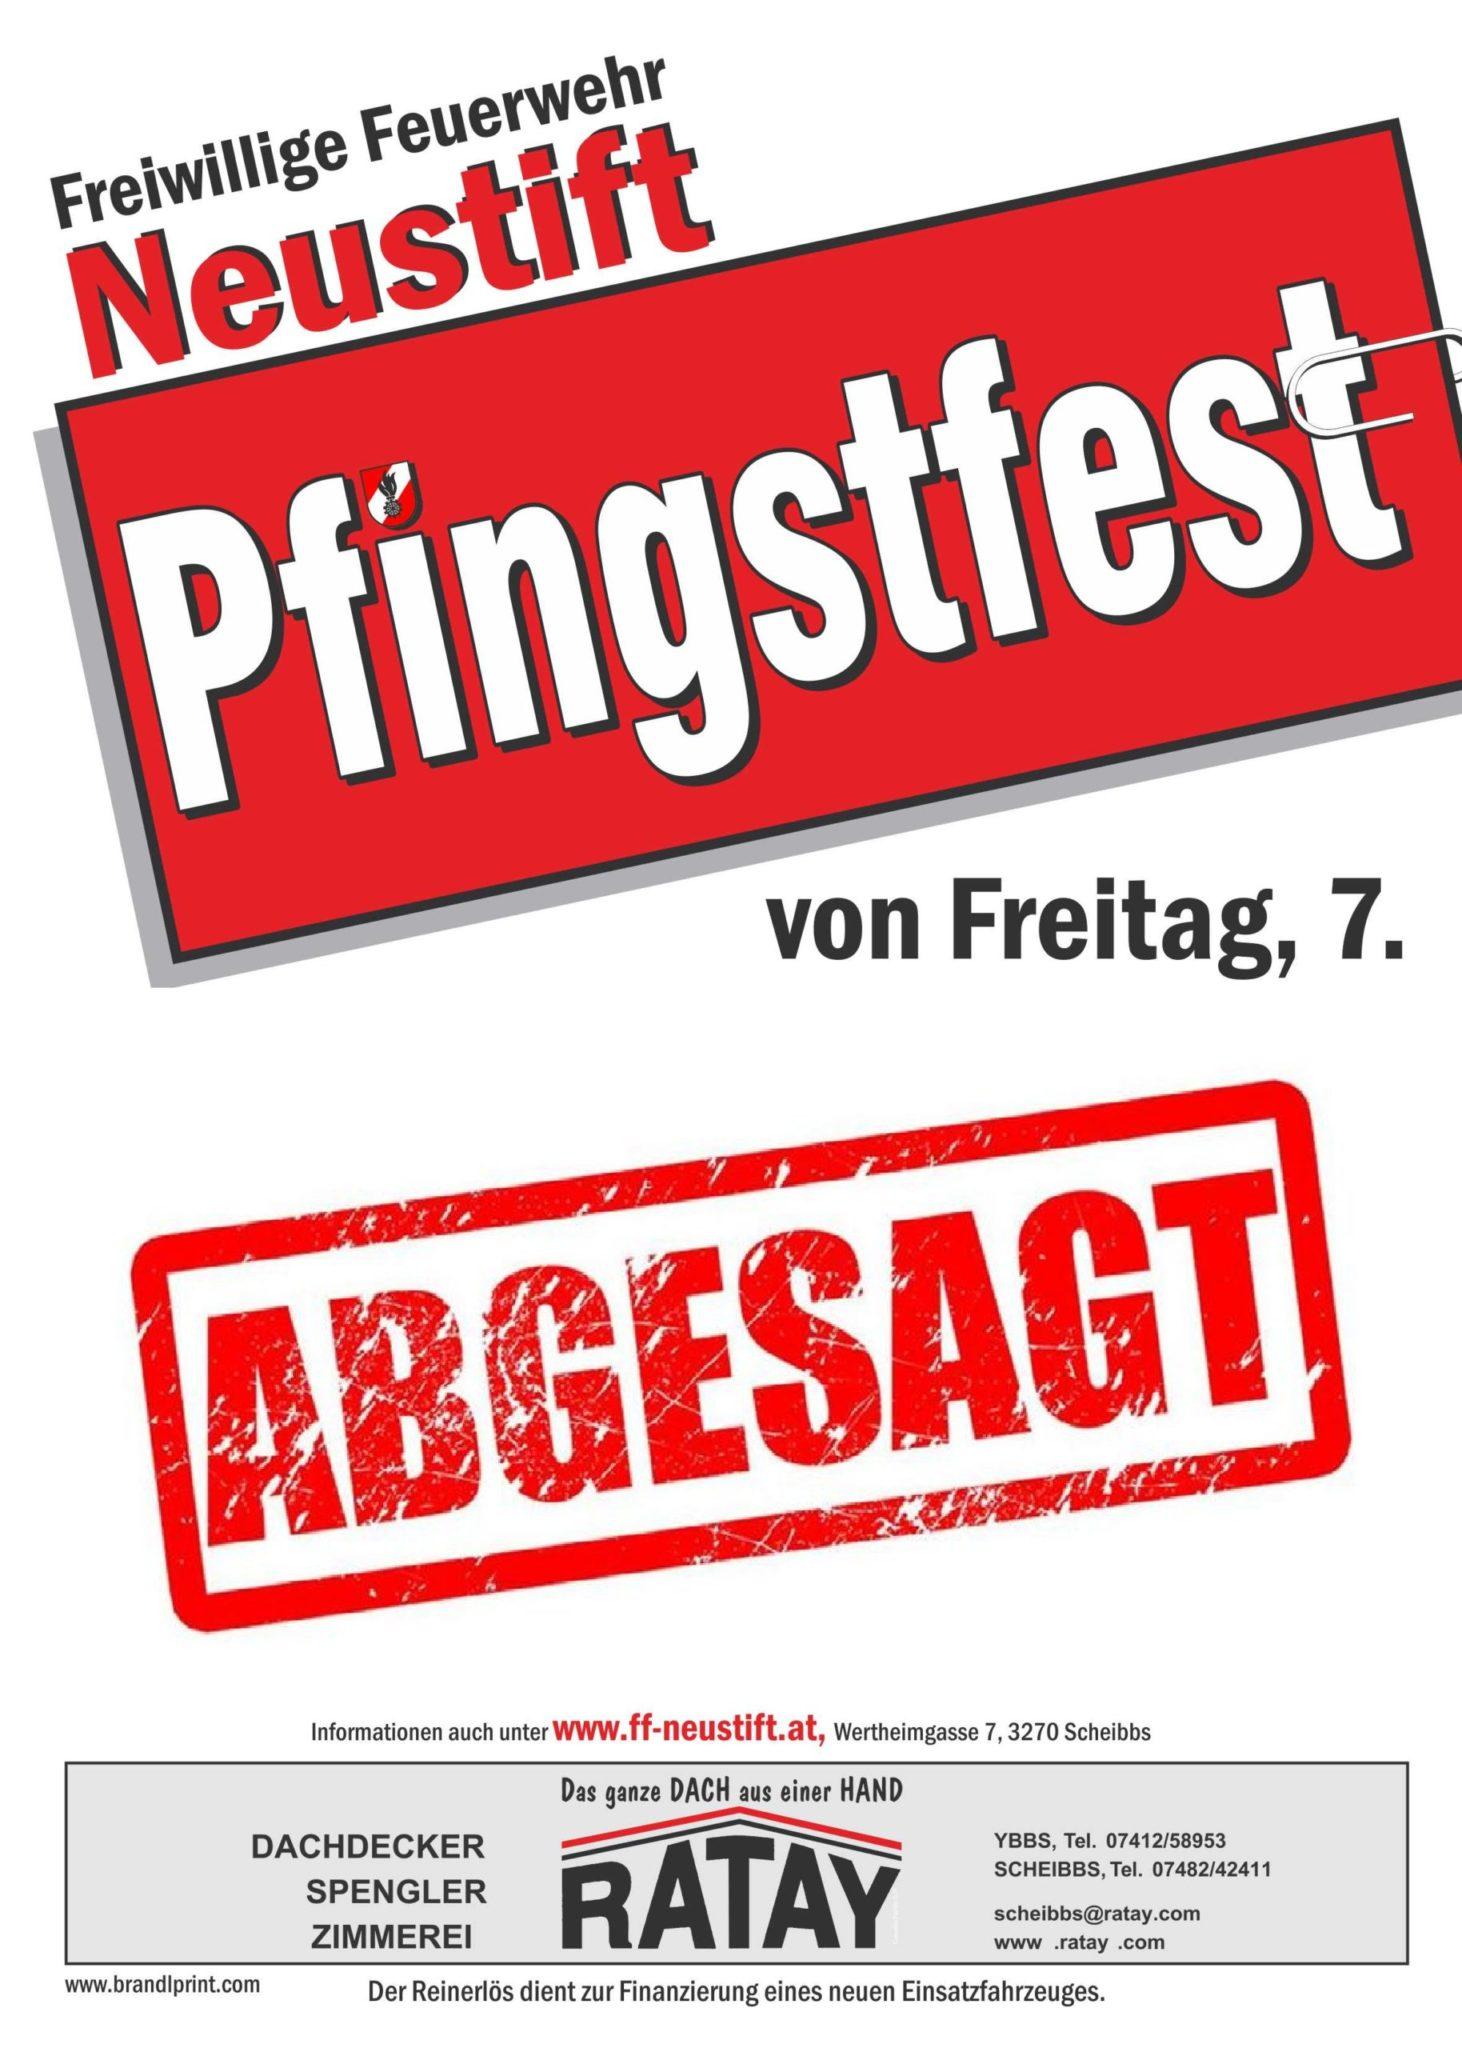 ACHTUNG! PFINGSTFEST ABGESAGT!